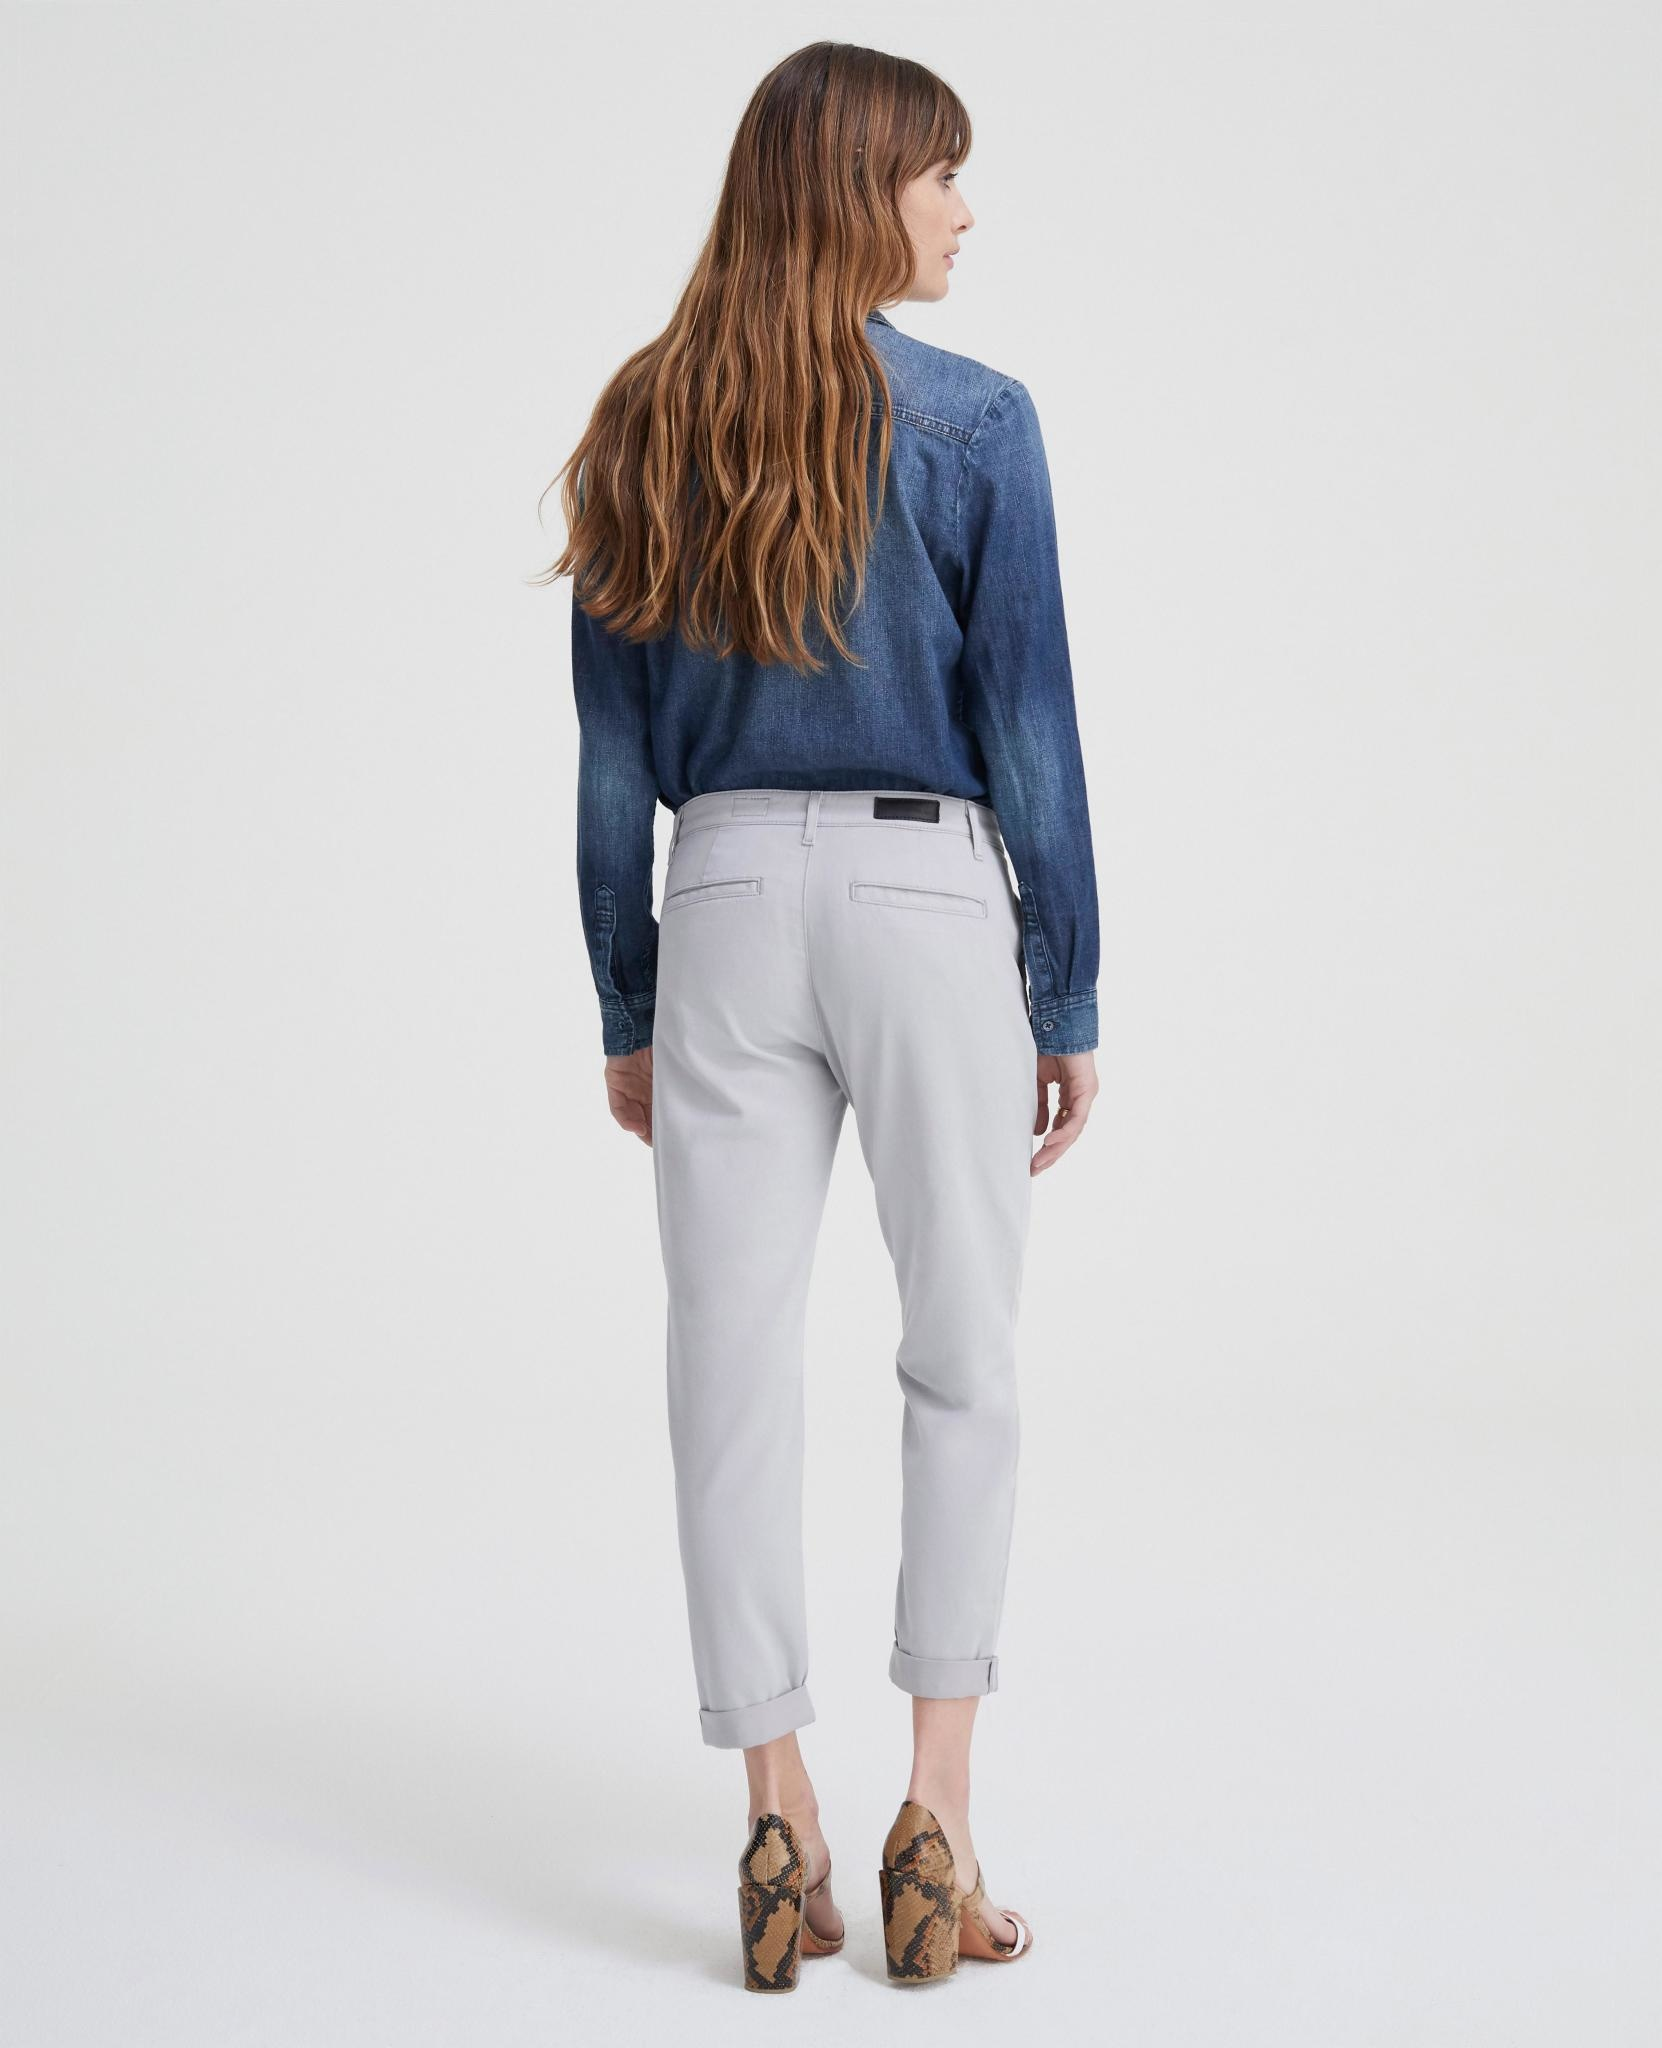 AG Caden Misty Mirror Pant